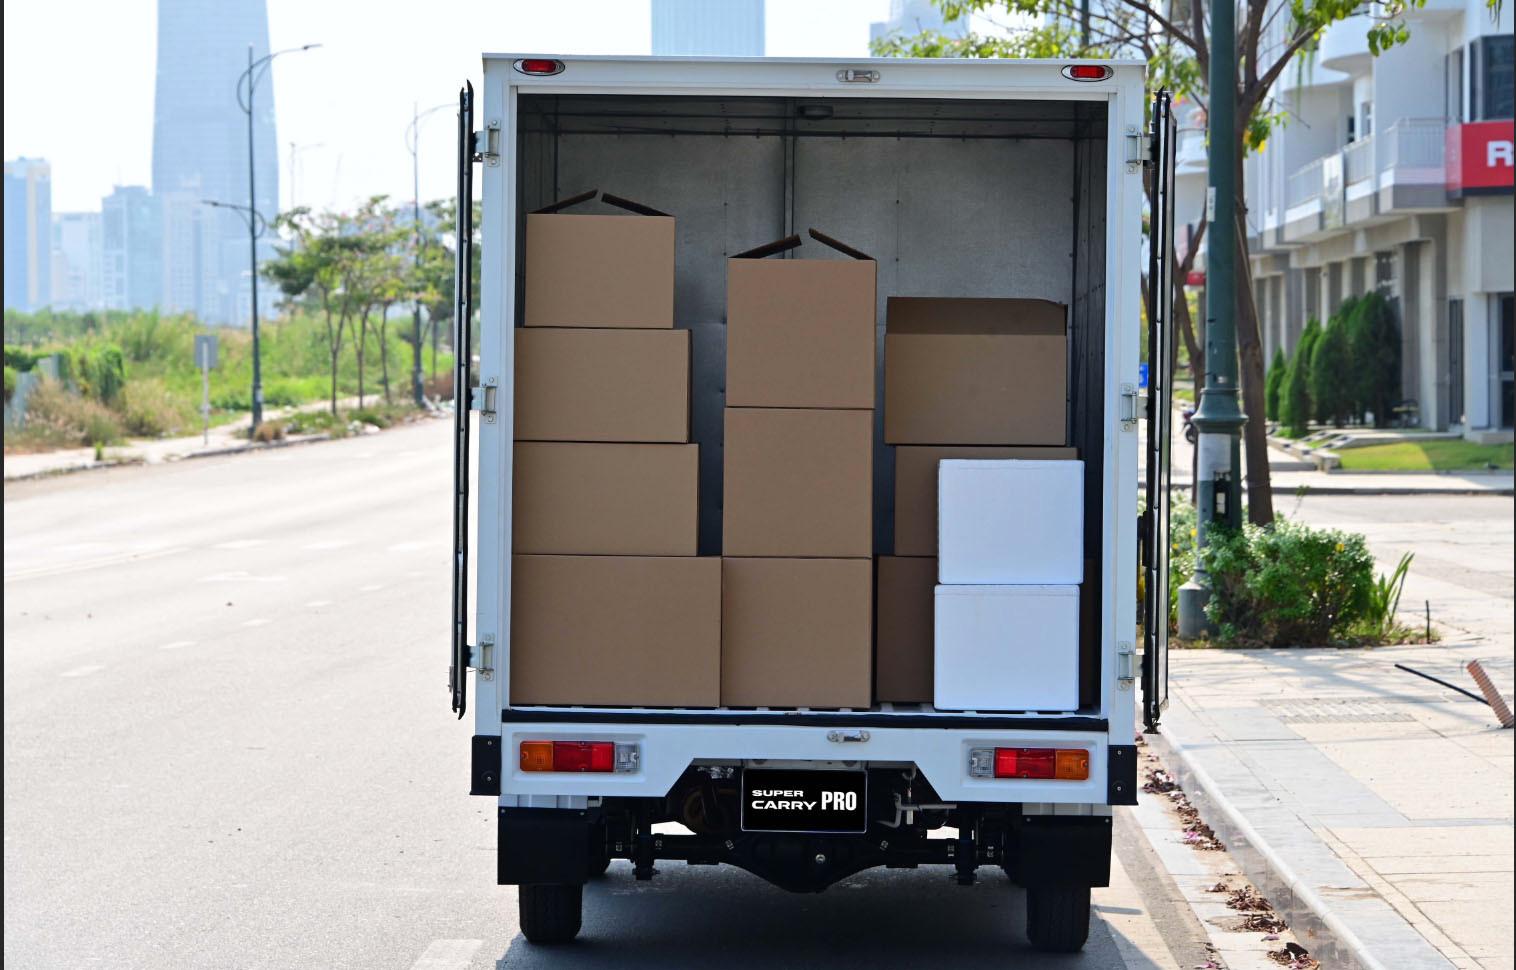 Kích thước thùng kín dài, rộng và cao lần lượt 2.680 x 1.660 x 1.700 (mm) giúp chuyên chở đa dạng hàng hóa với tải trọng lớn.